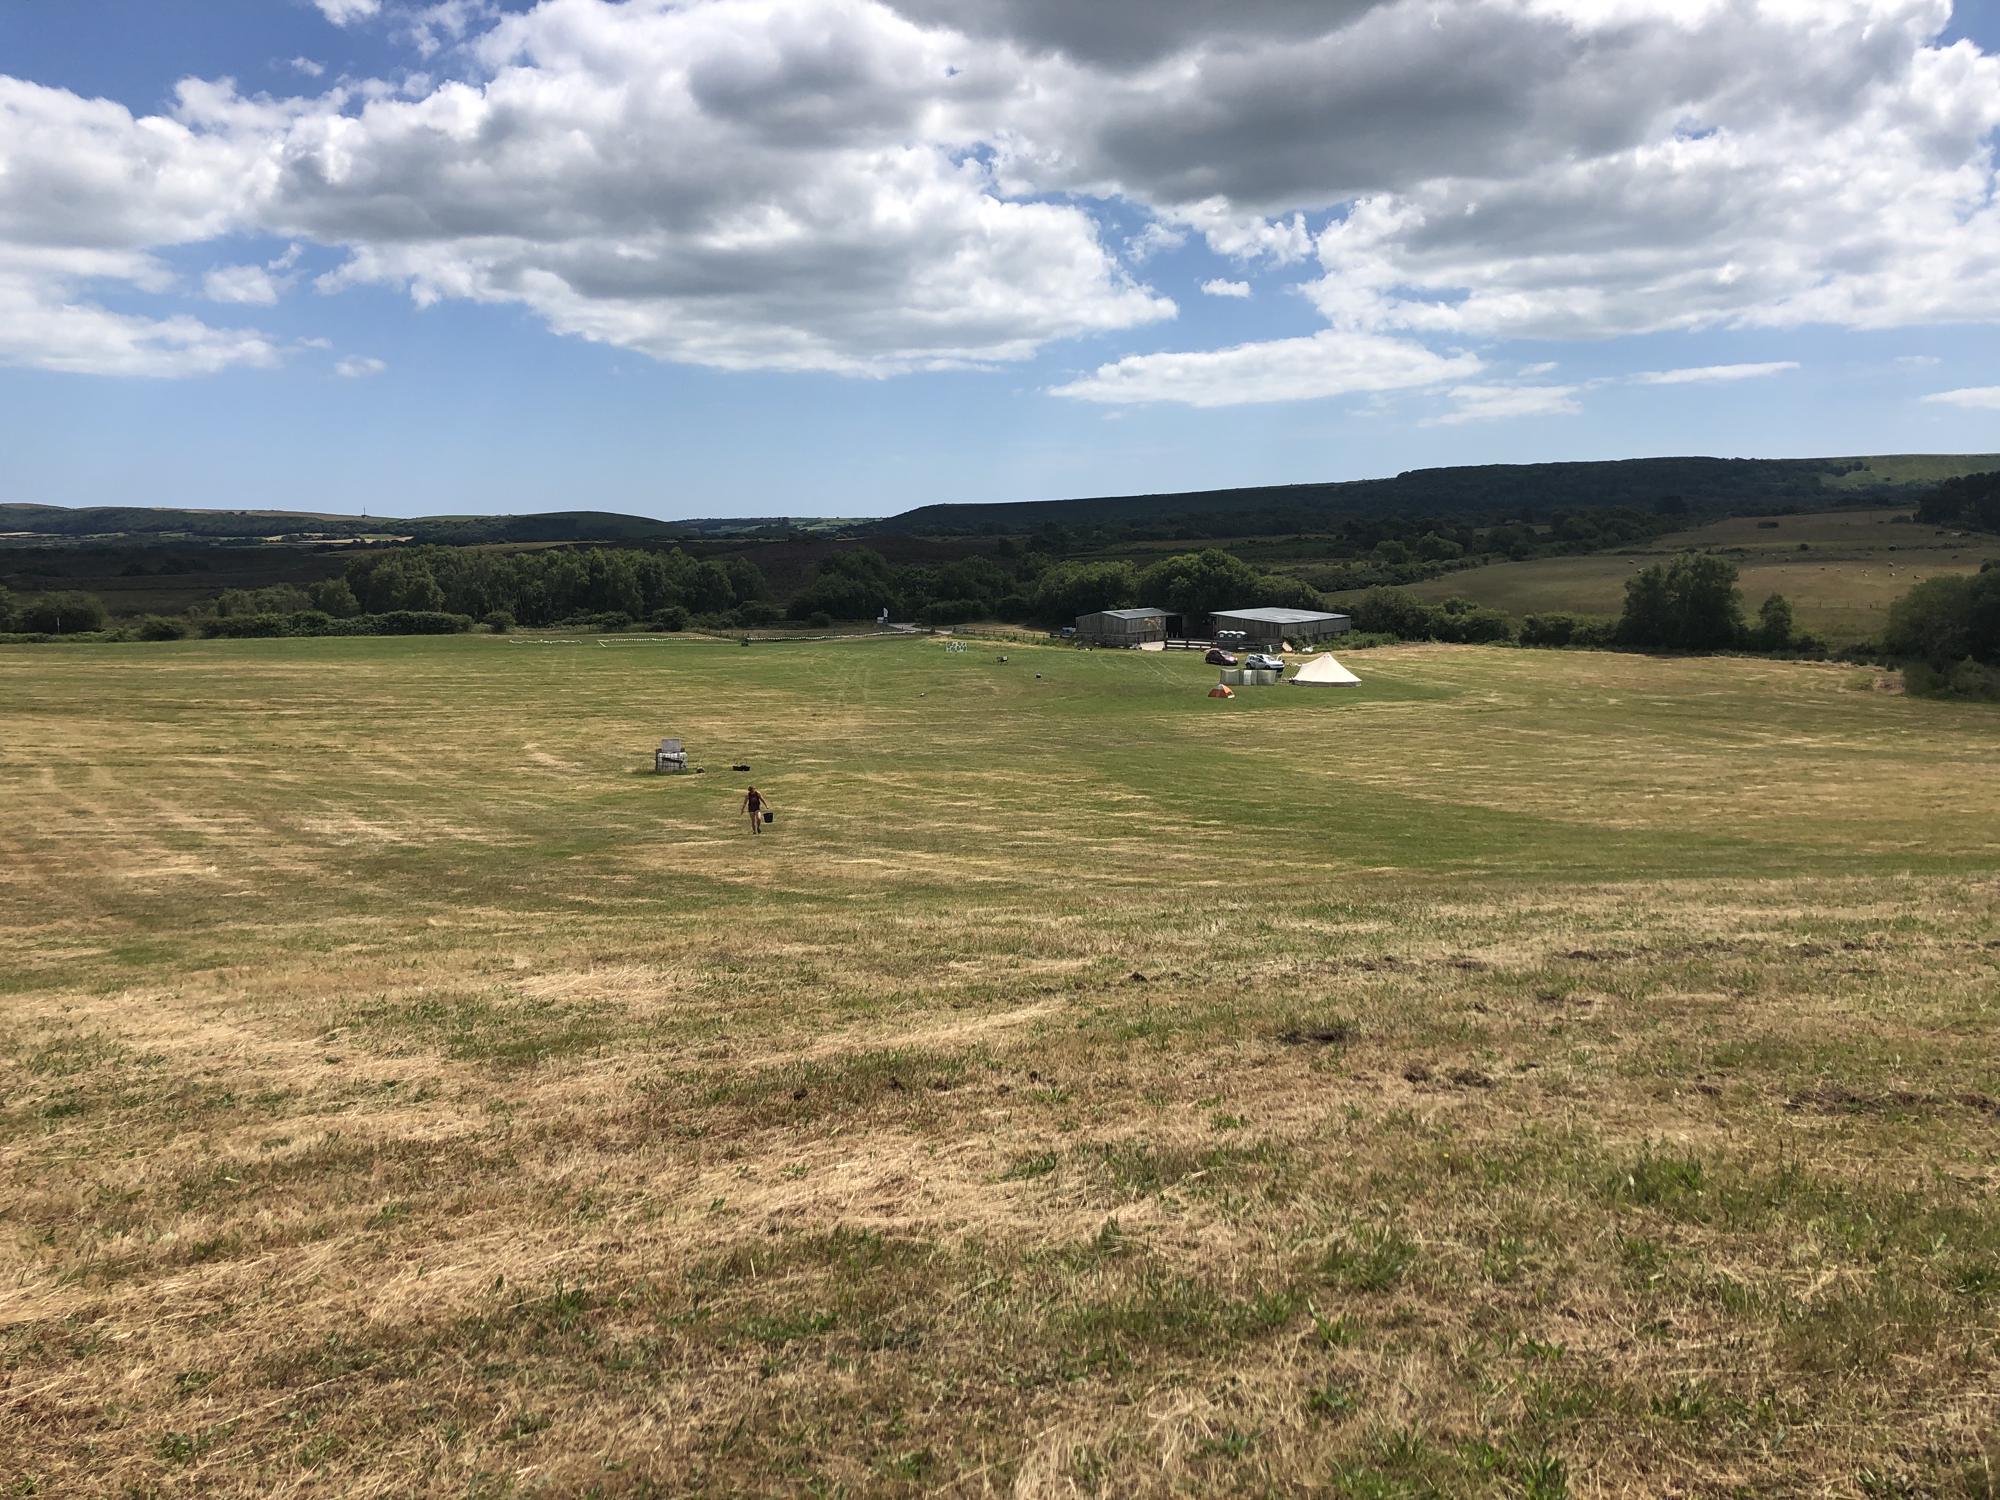 Campsites in Wareham – I Love This Campsite